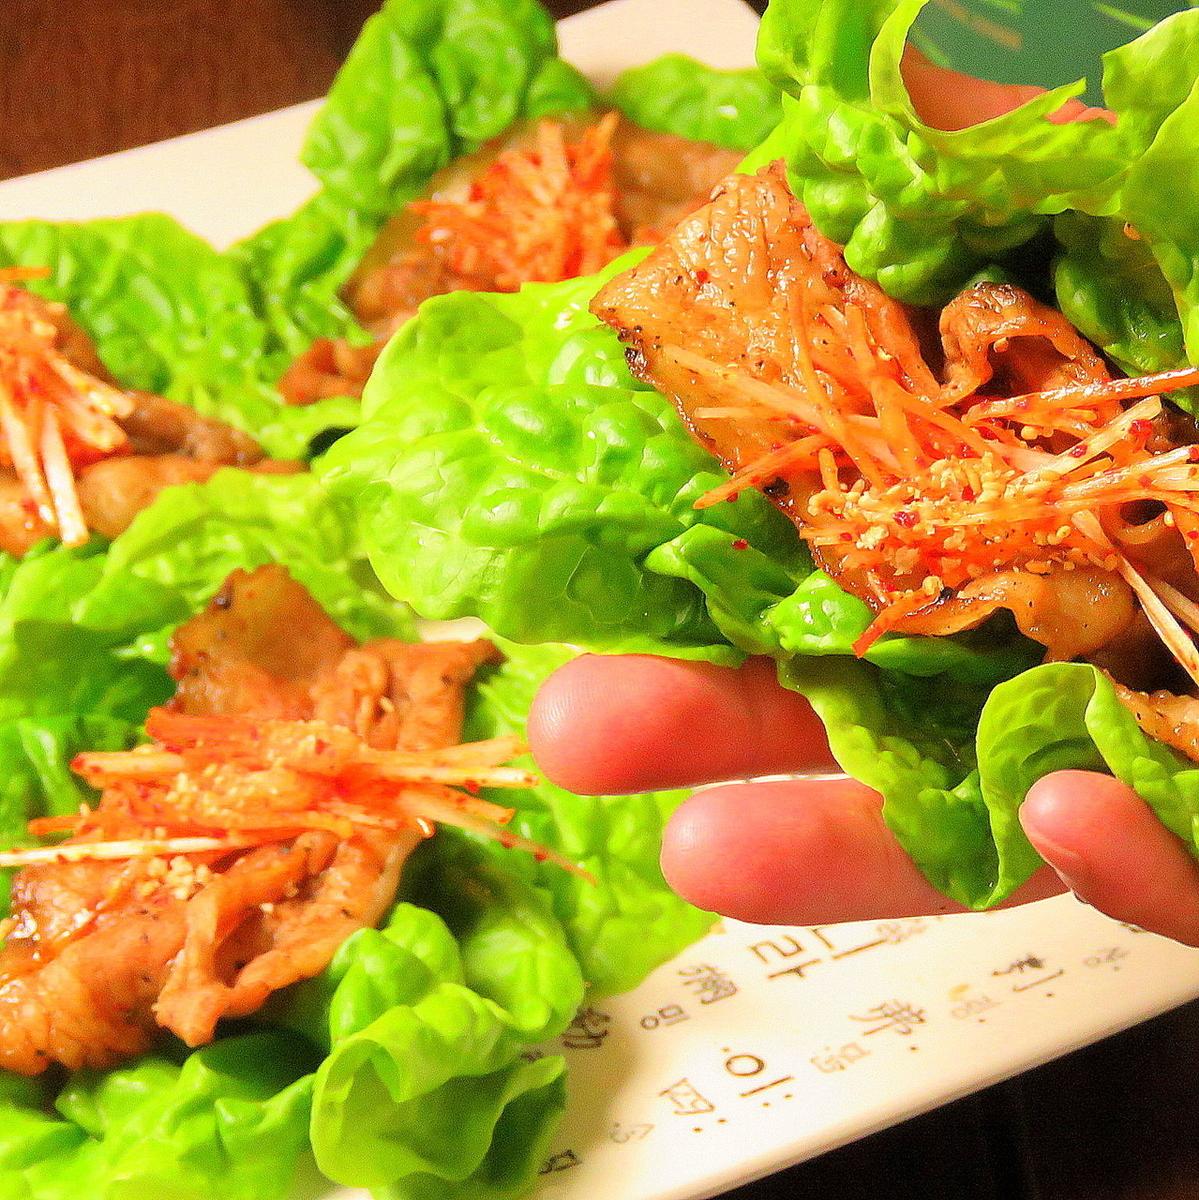 真正精致的韩国美食